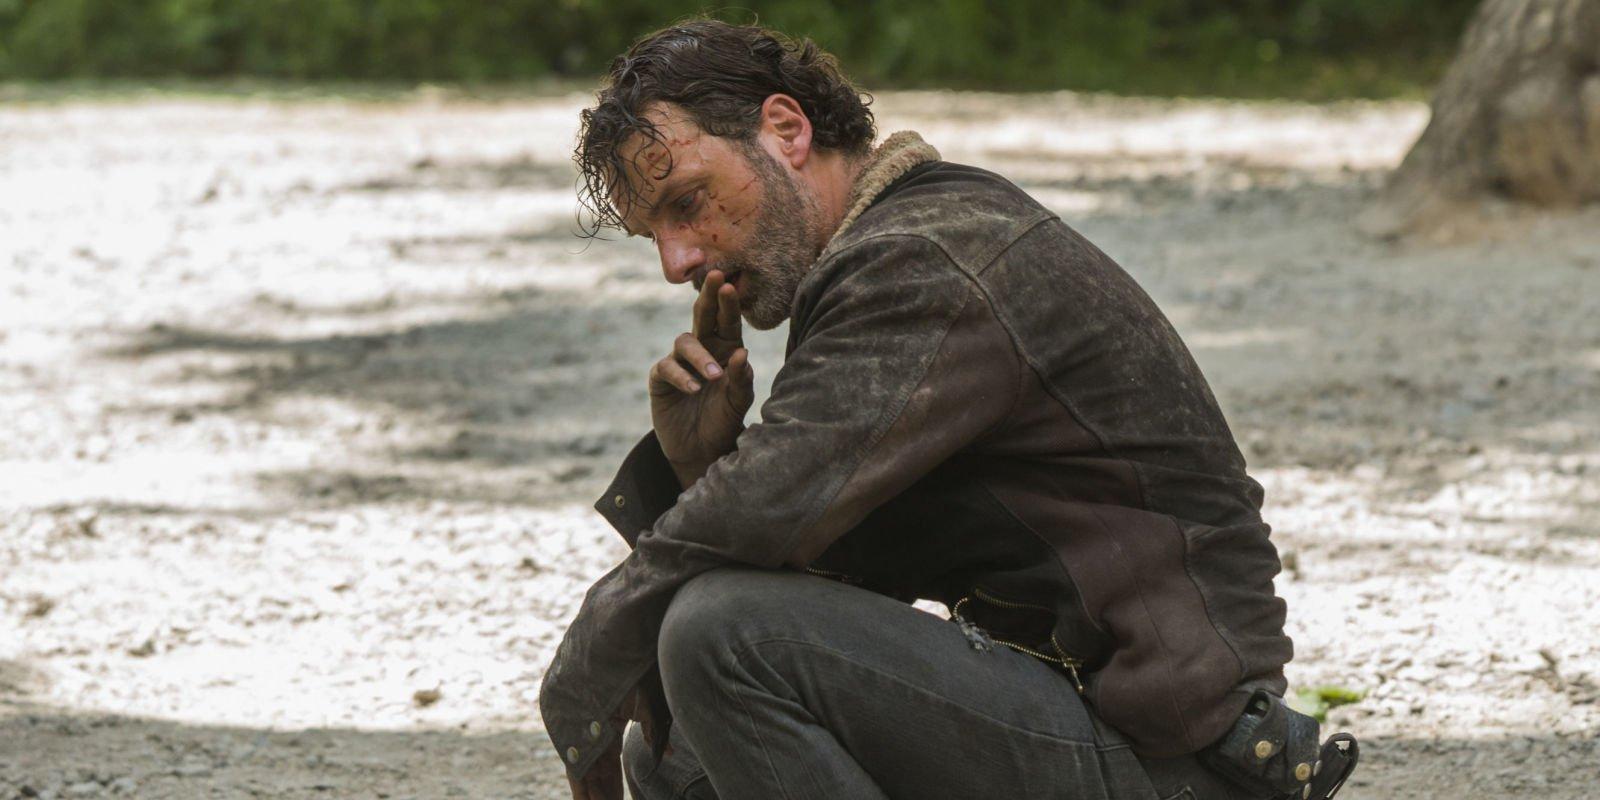 У финала 7 сезона «Ходячих мертвецов» самые низкие рейтинги за 5 лет